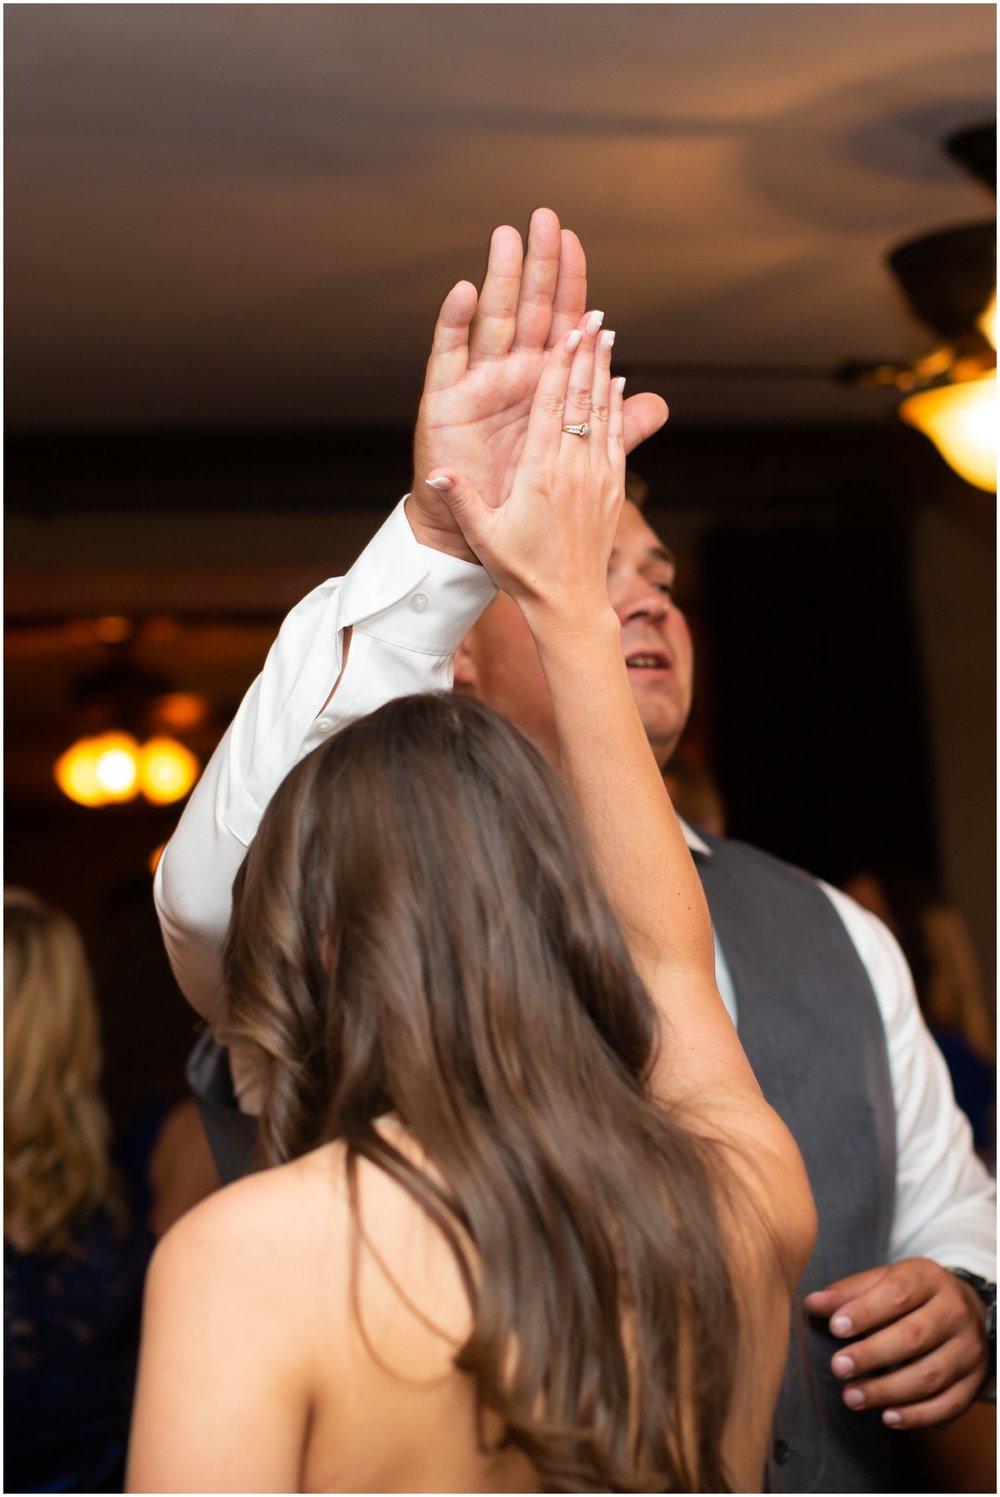 Katie high-fives one of the groomsmen on the dance floor.